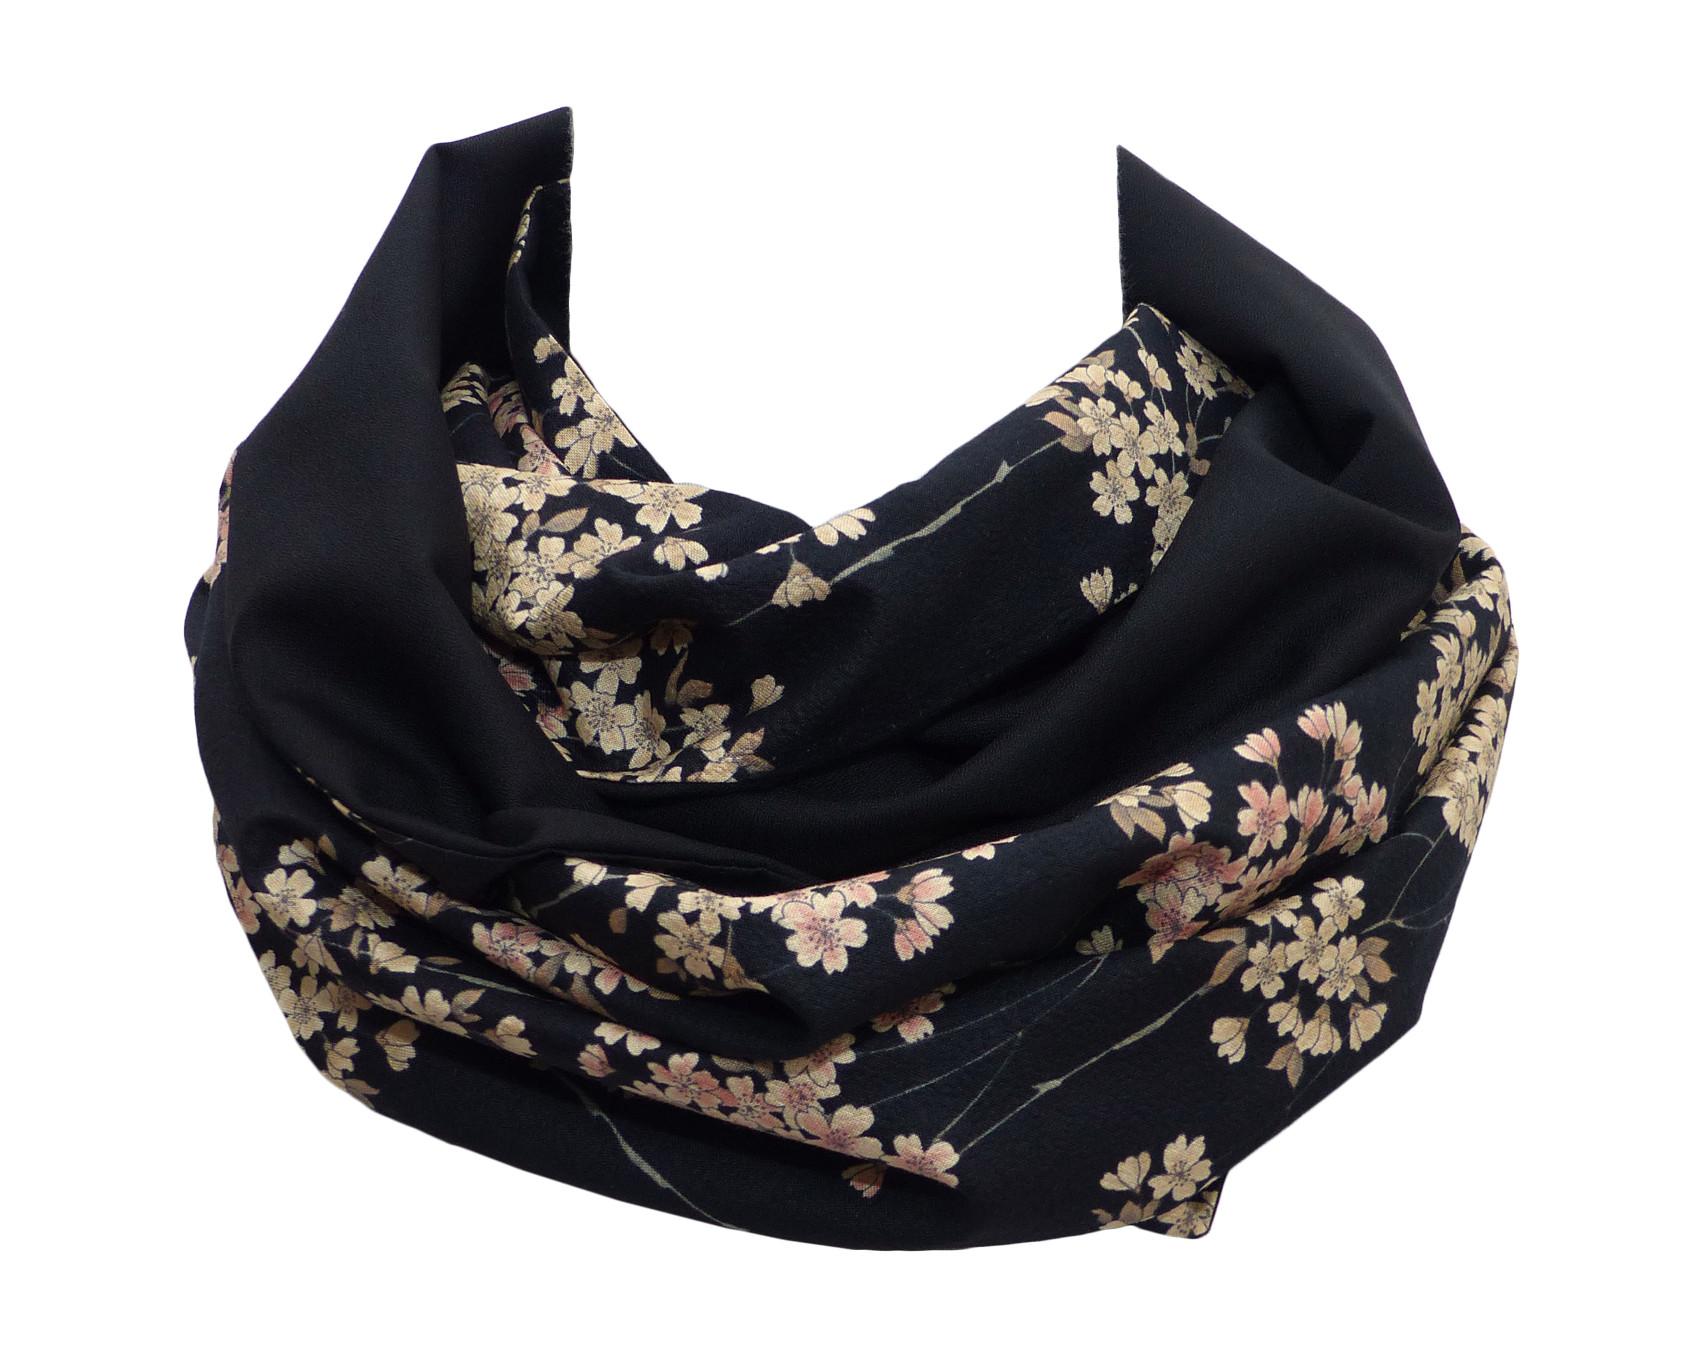 260beee4e8013 Echarpe femme en douce laine noire et crepe de coton chirimen japonais à  motif fleuri /